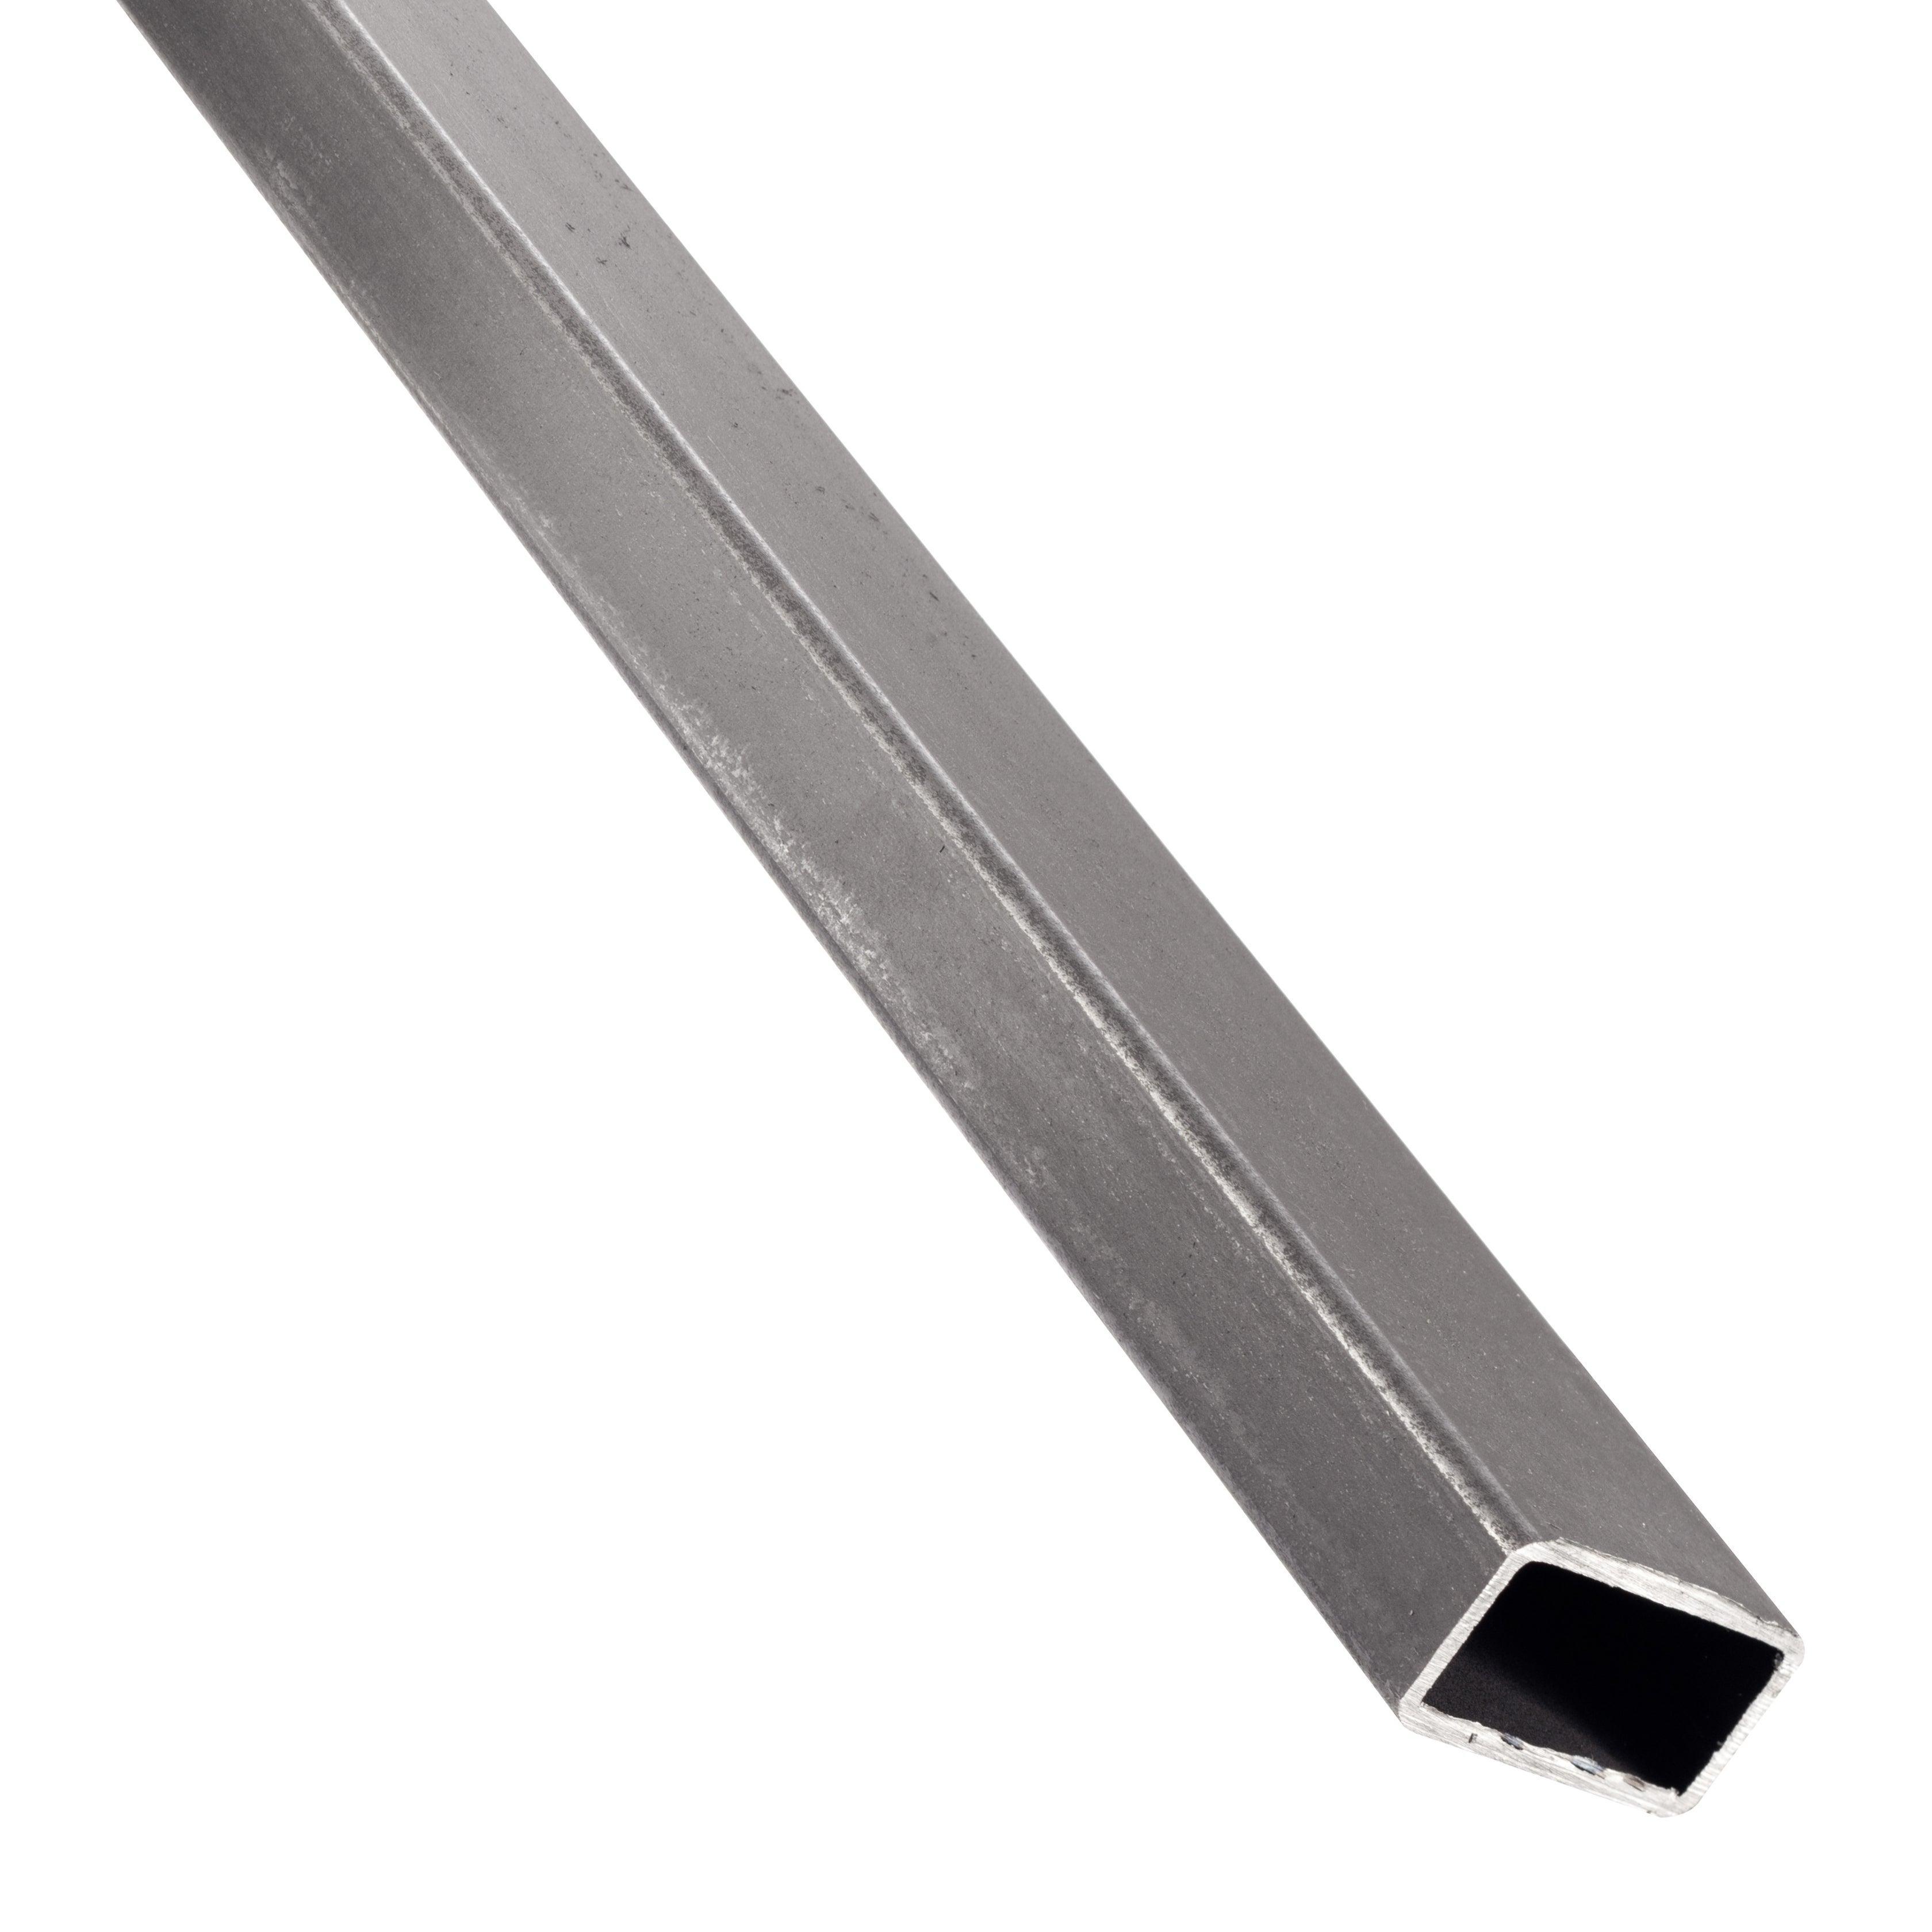 tube rectangulaire acier brut noir l 1 m x l 3 5 cm x h 2 cm